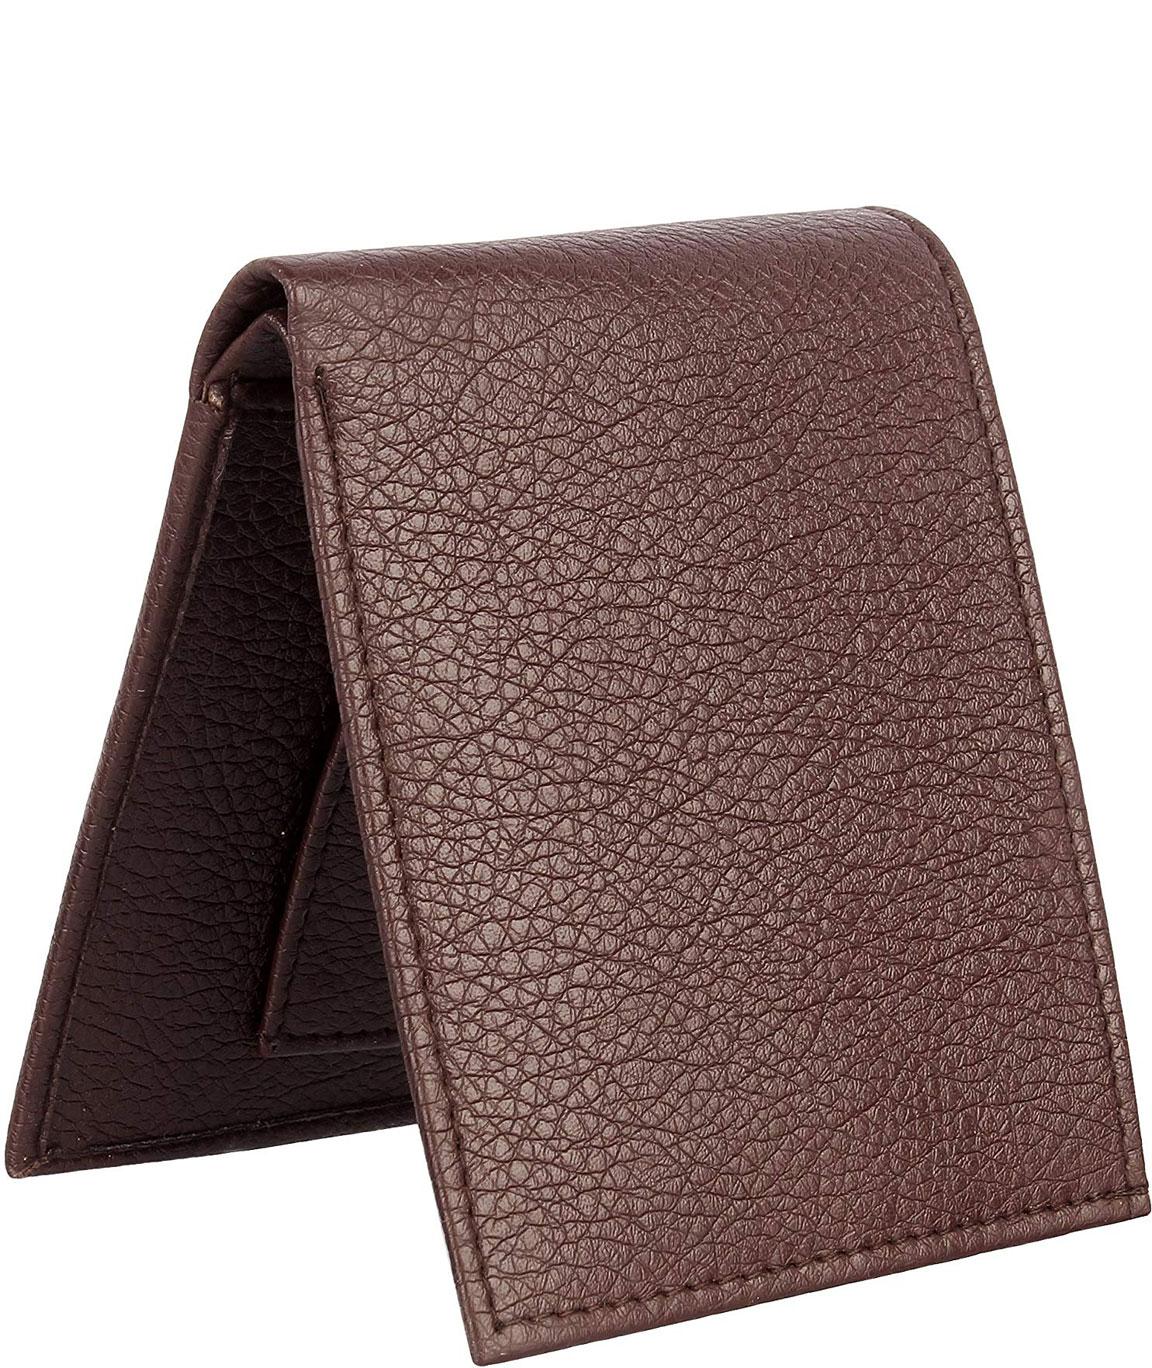 Urban alfami Purse for men, Gent wallet, Tan color